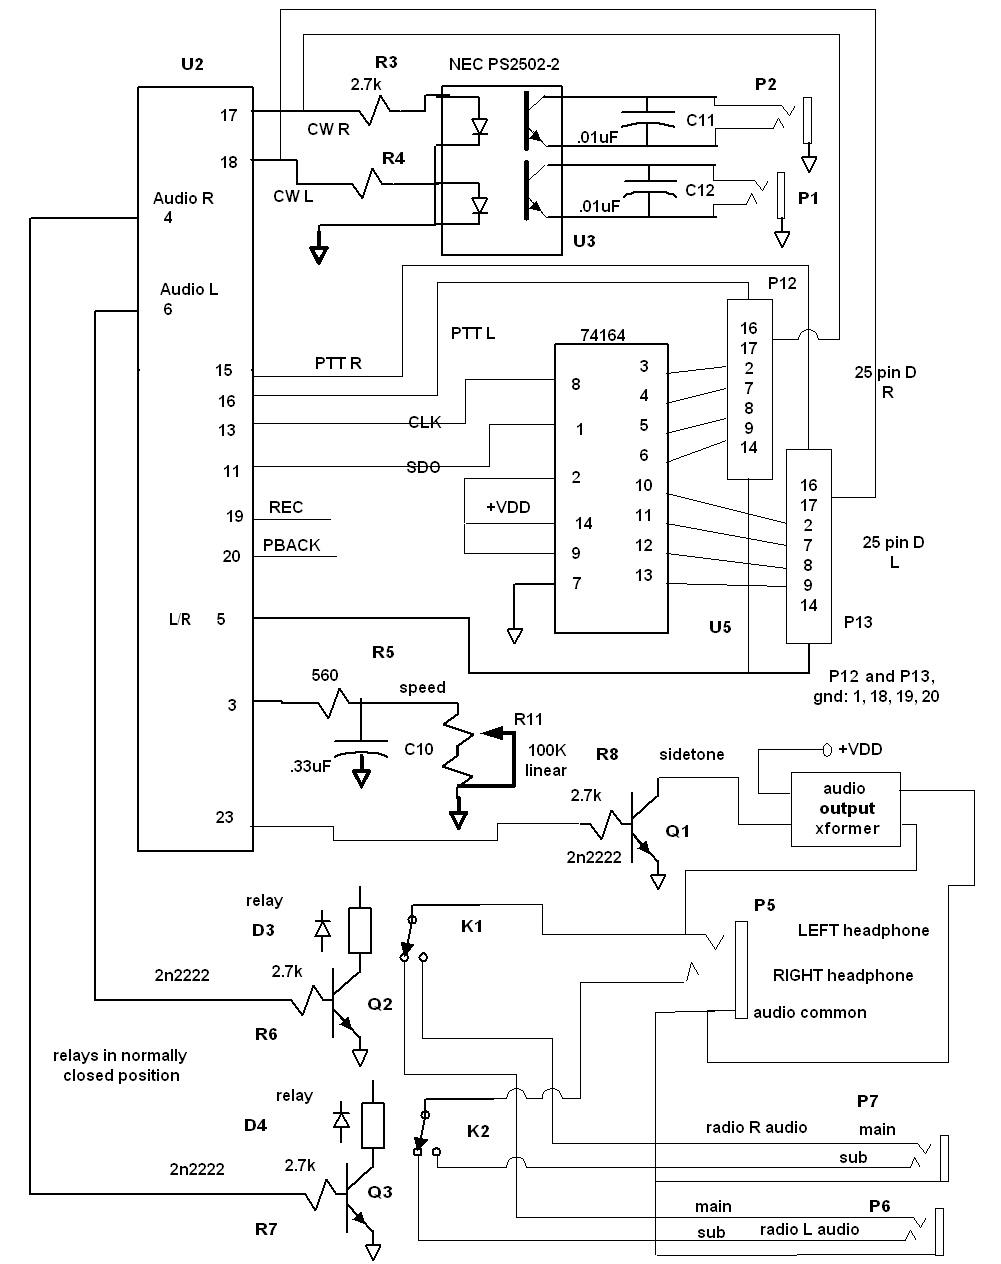 Hd Radio Ptt Wiring Diagram Ansul R 102 Wiring-diagram